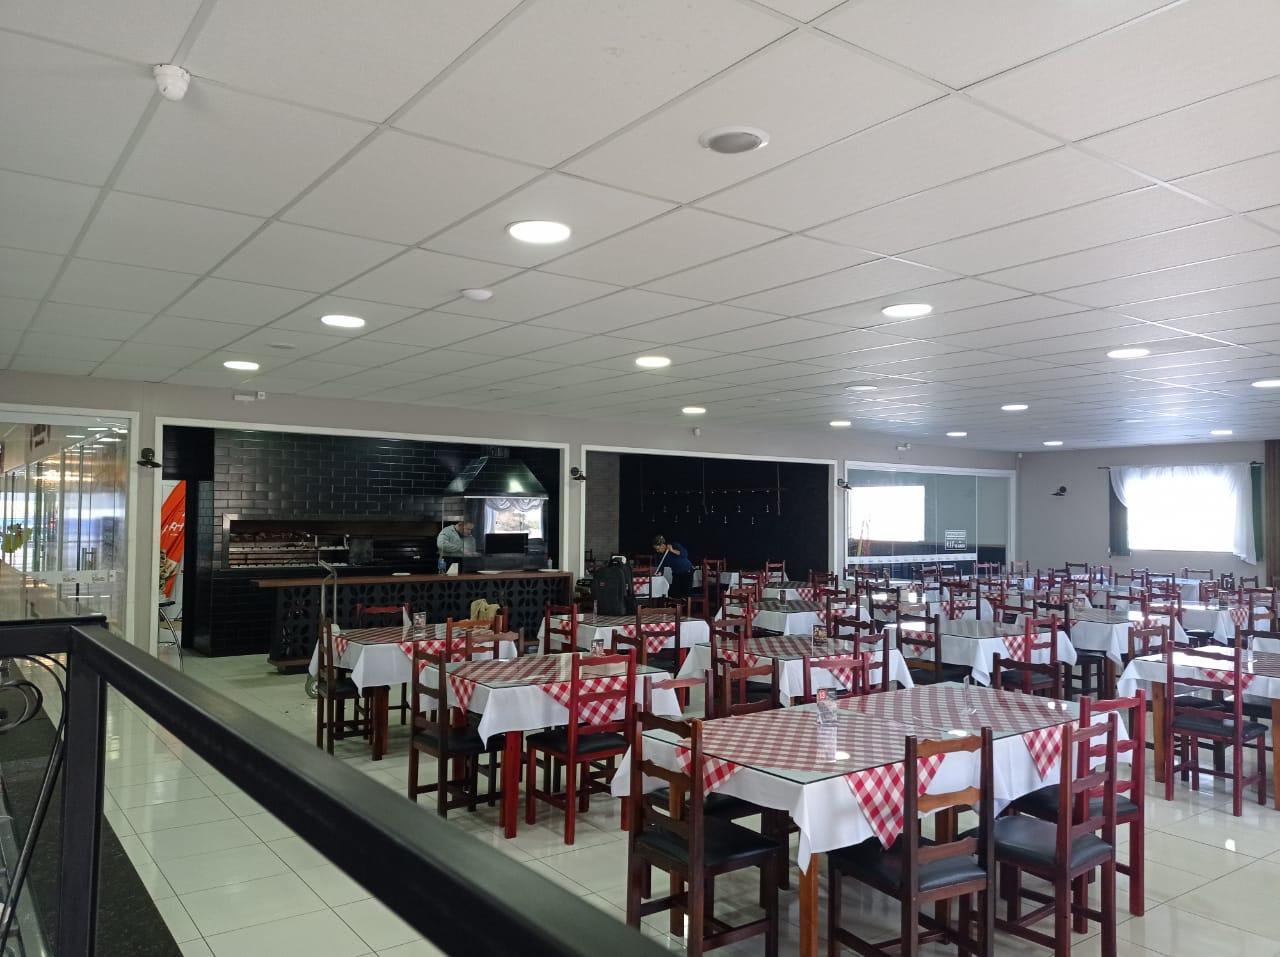 Restaurante vai atender nesta quarta-feira (2) depois de quatro dias sem energia elétrica por causa do tornado - Dalvan Pereira/Divulgação/ND